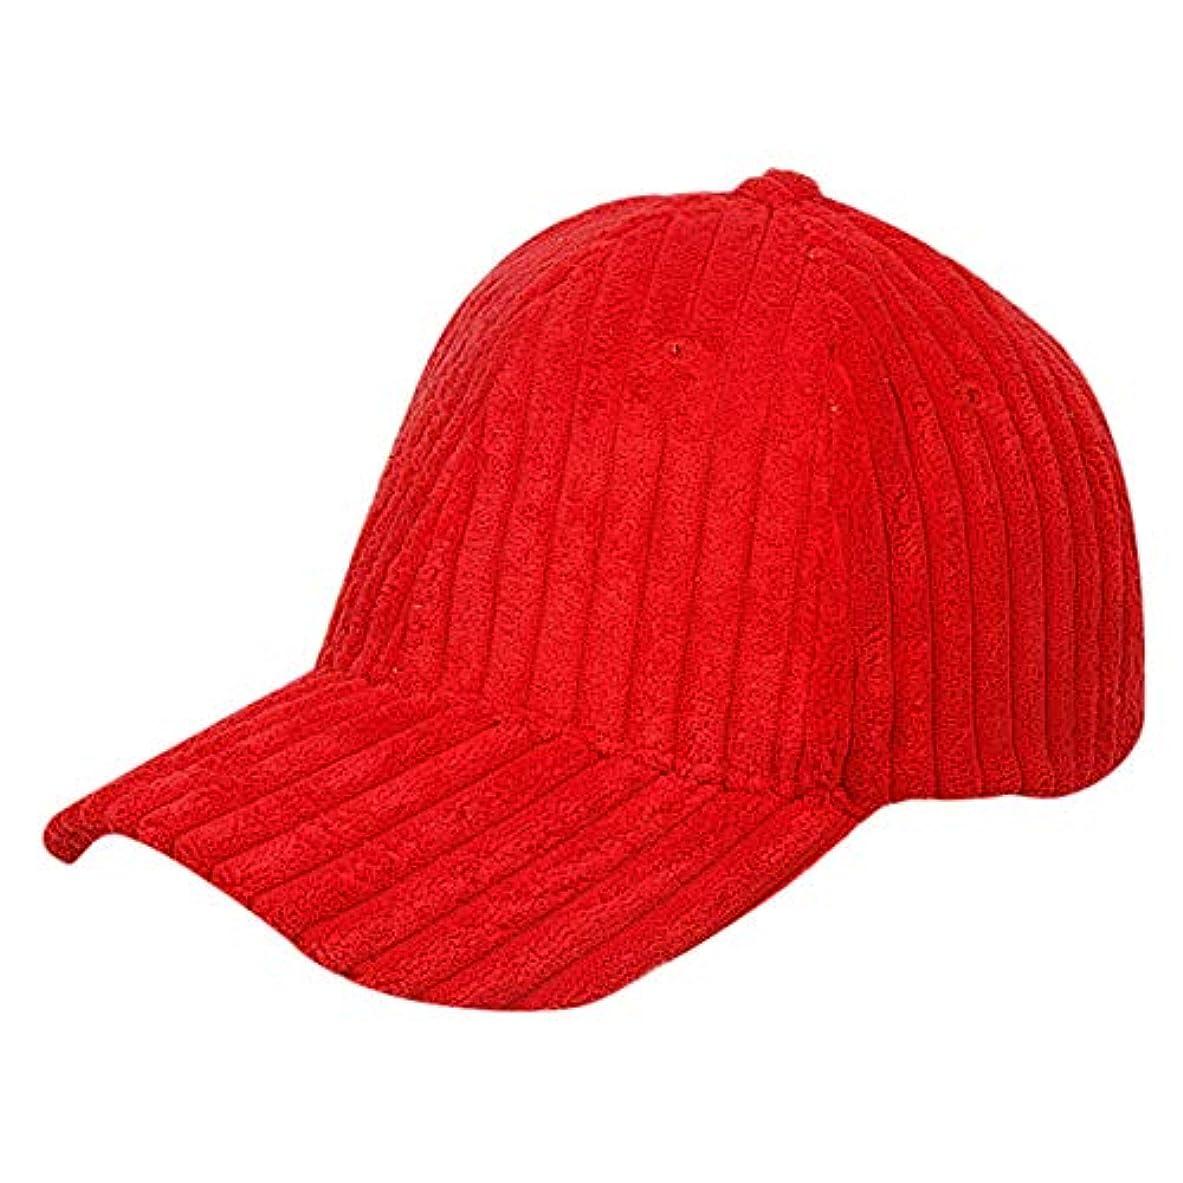 プランテーション瞑想的湿ったRacazing Cap コーデュロイ 野球帽 迷彩 冬 登山 通気性のある メッシュ 帽子 ベルクロ 可調整可能 ストライプ 刺繍 棒球帽 UV 帽子 軽量 屋外 Unisex Hat (赤)